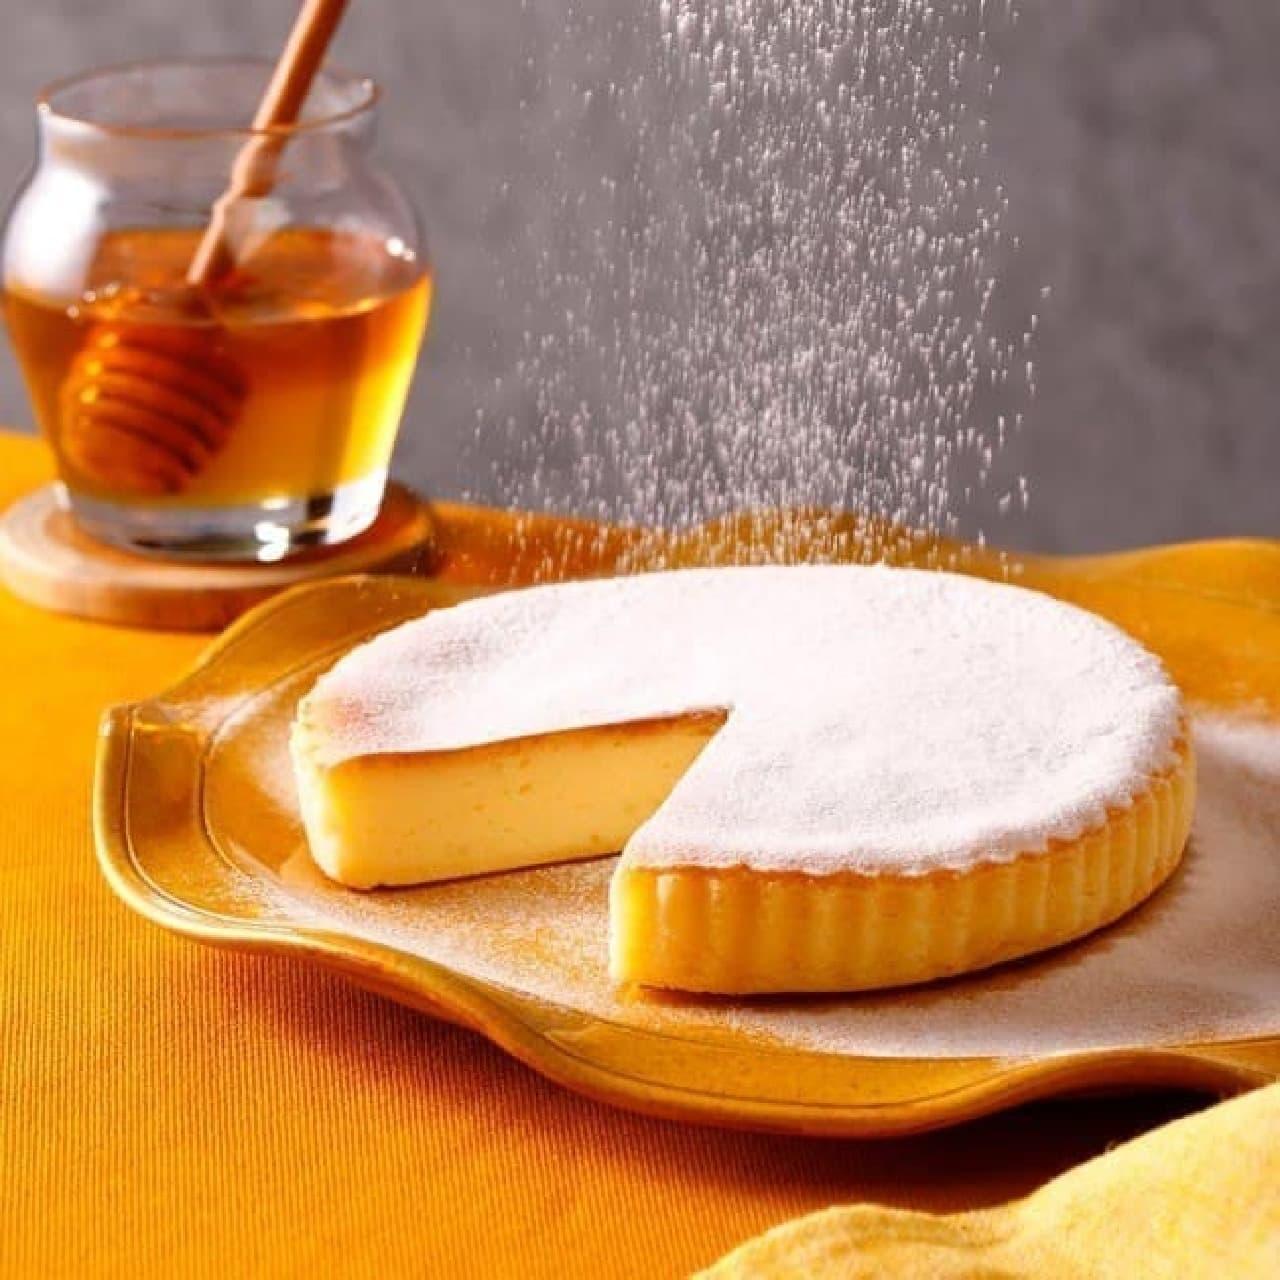 チーズガーデン東京ソラマチ店限定「東京ハニーチーズケーキ」